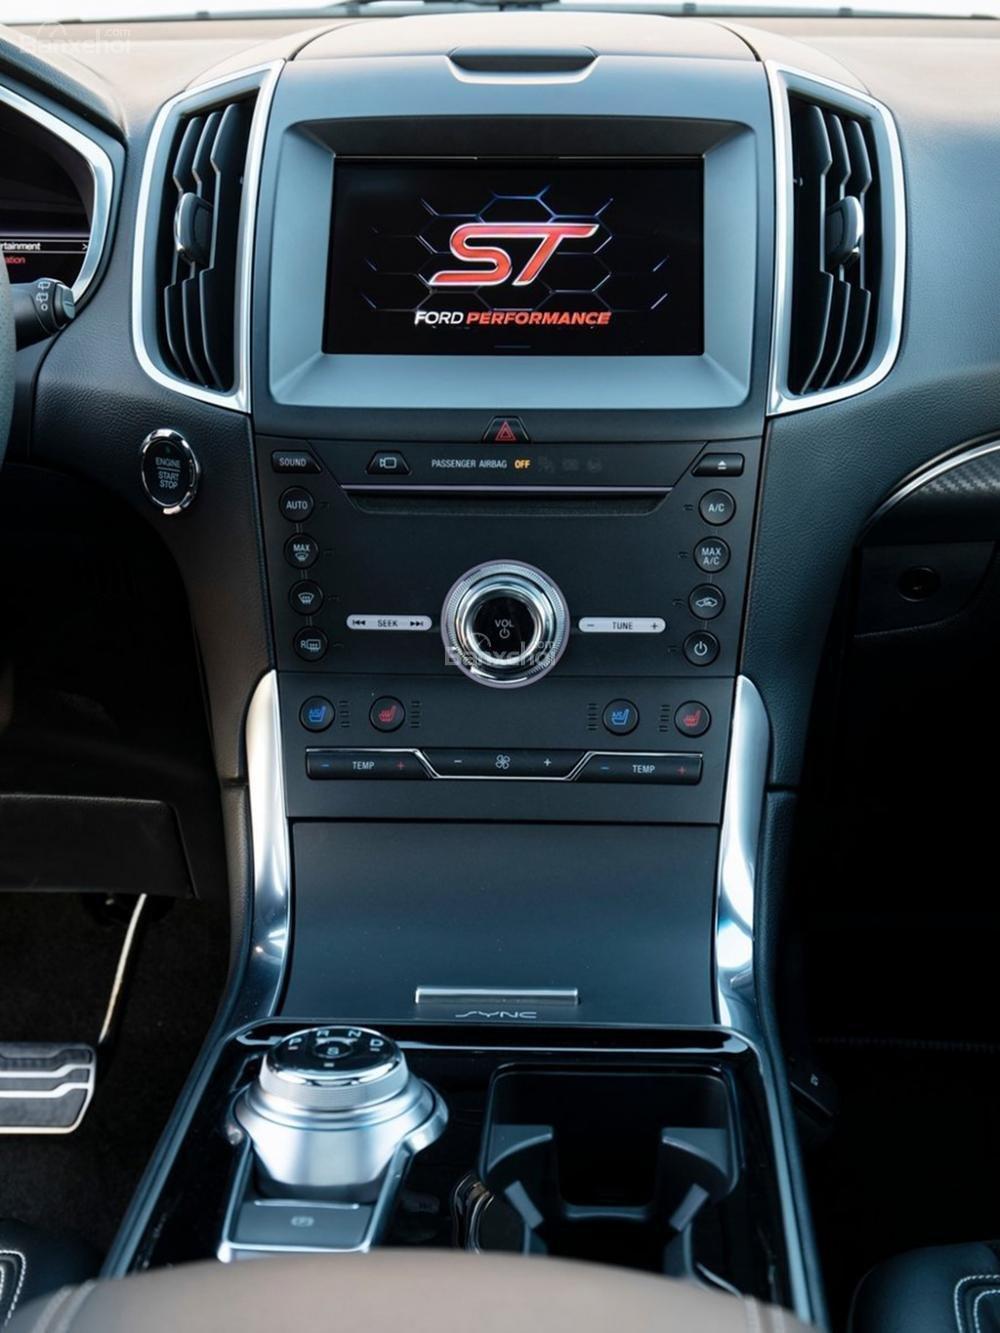 Đánh giá xe Ford Edge ST 2019: Bảng điều khiển trung tâm.